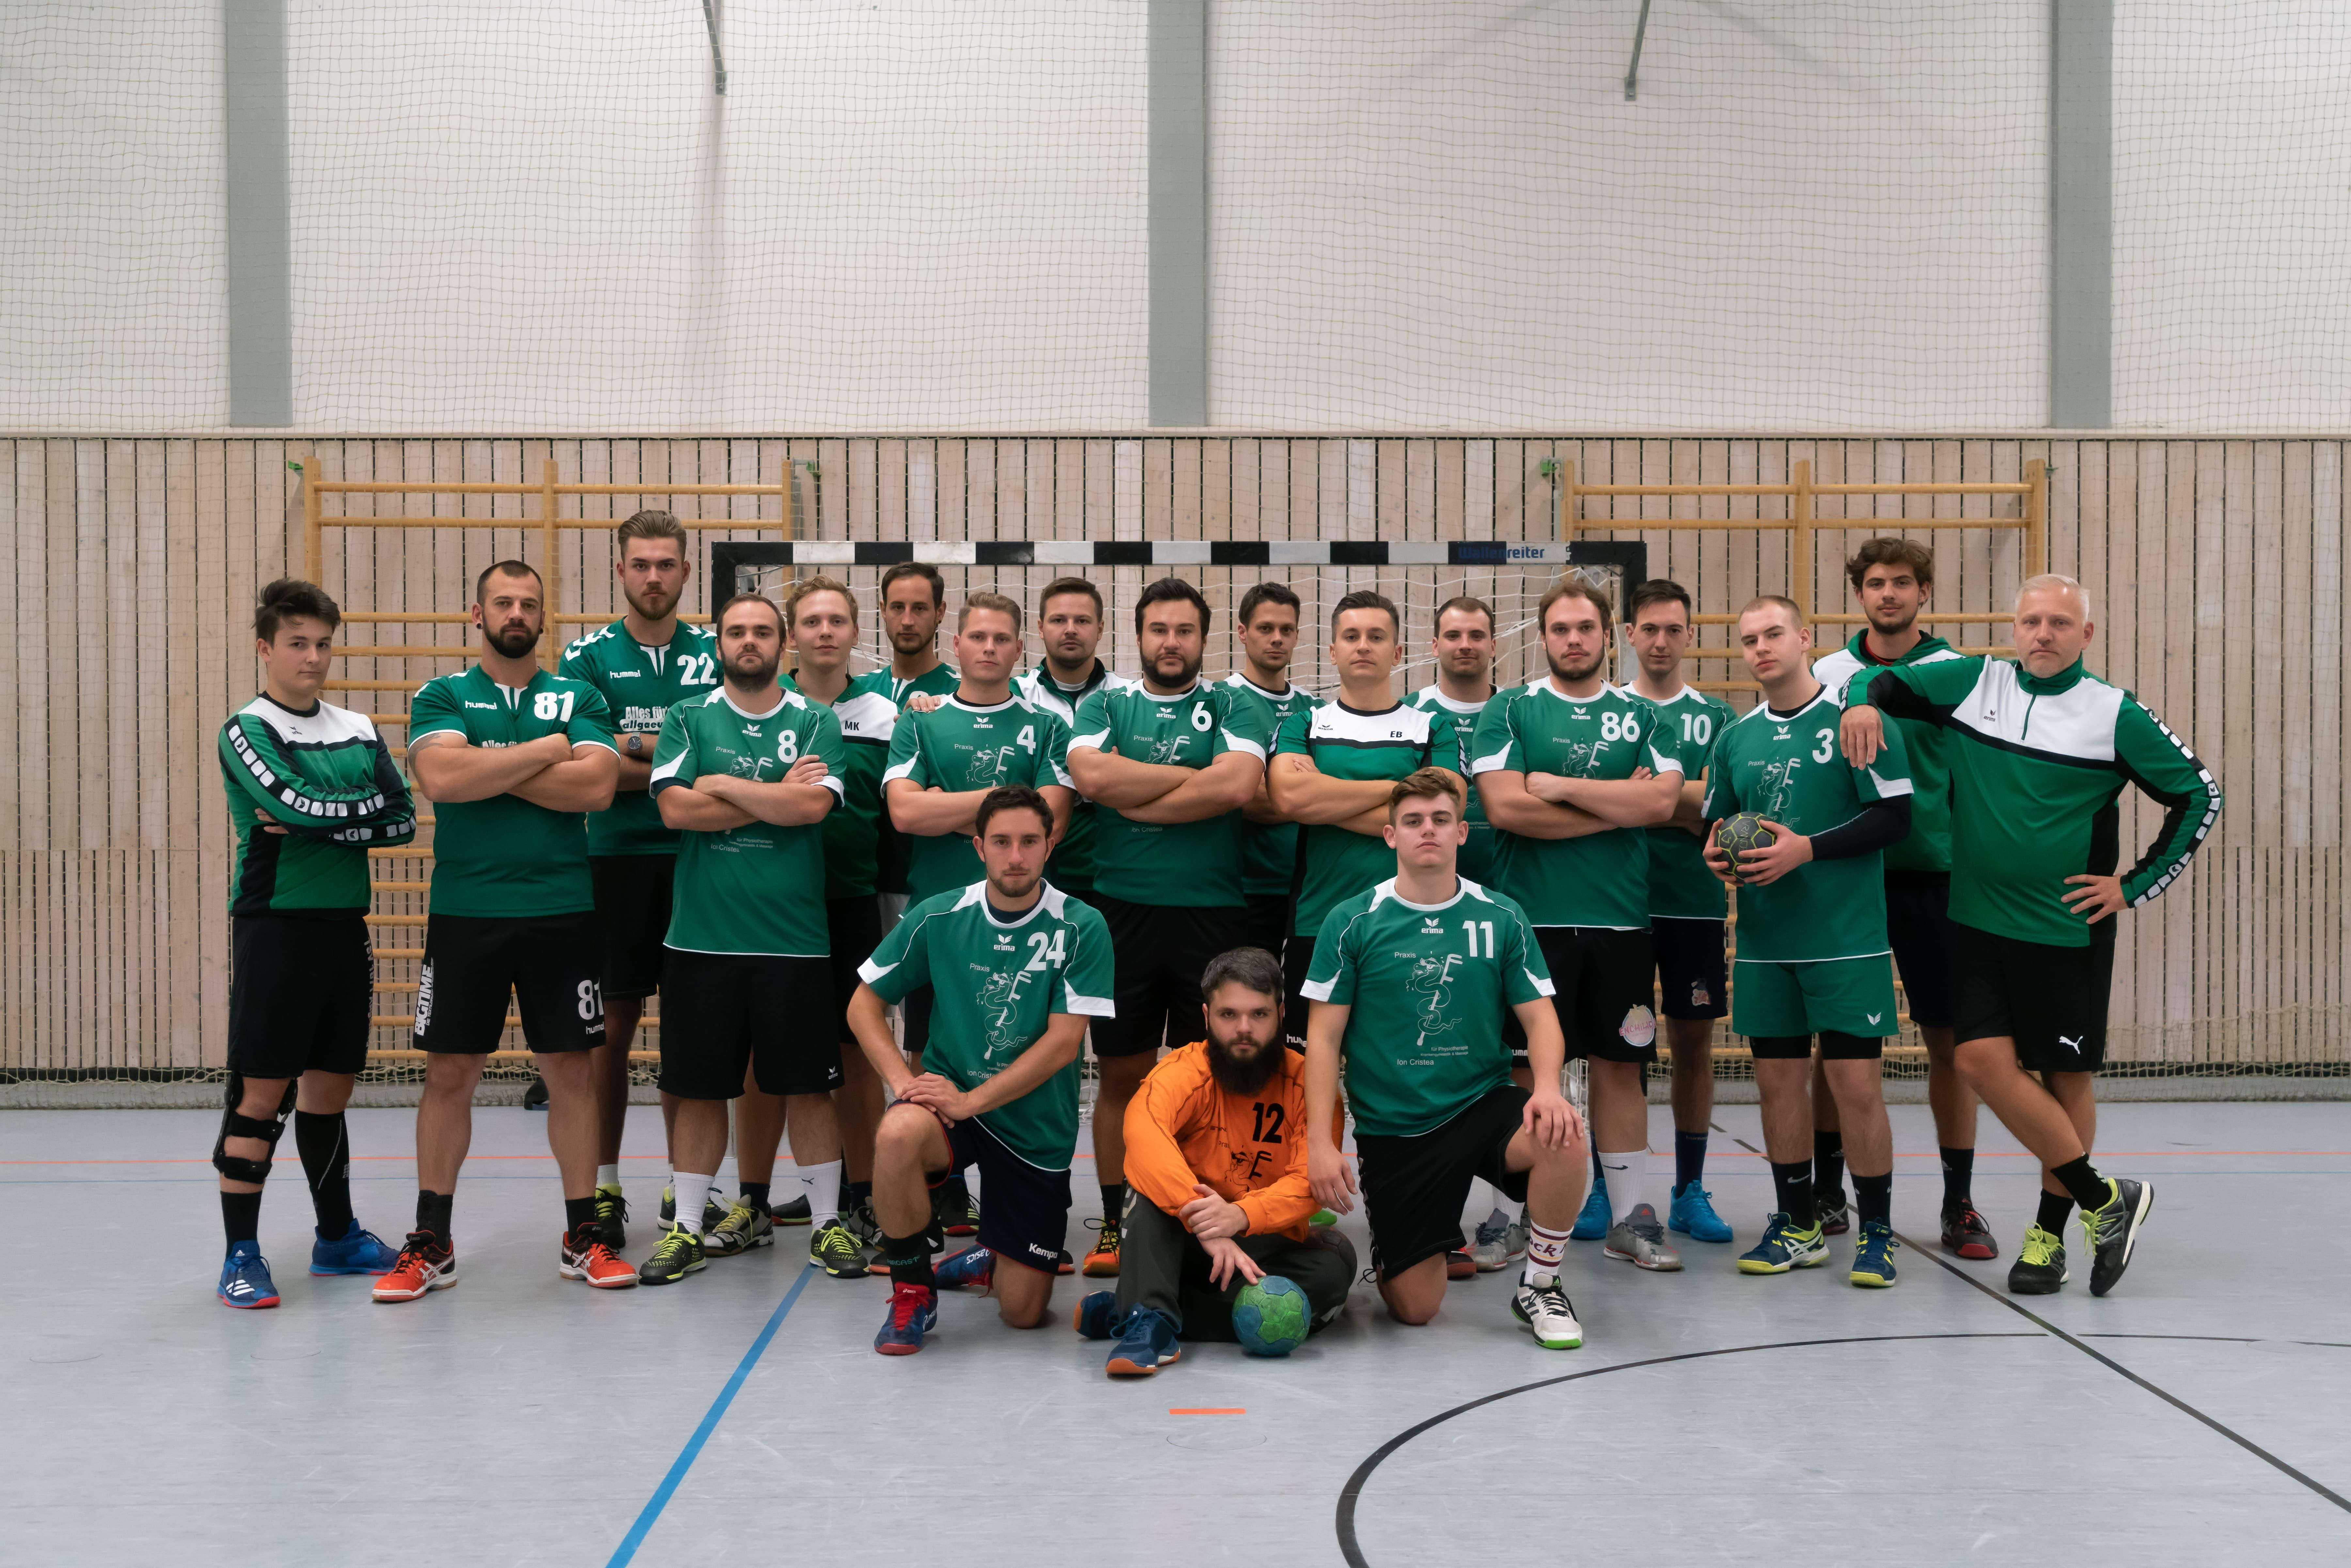 SV Mering - Männer II